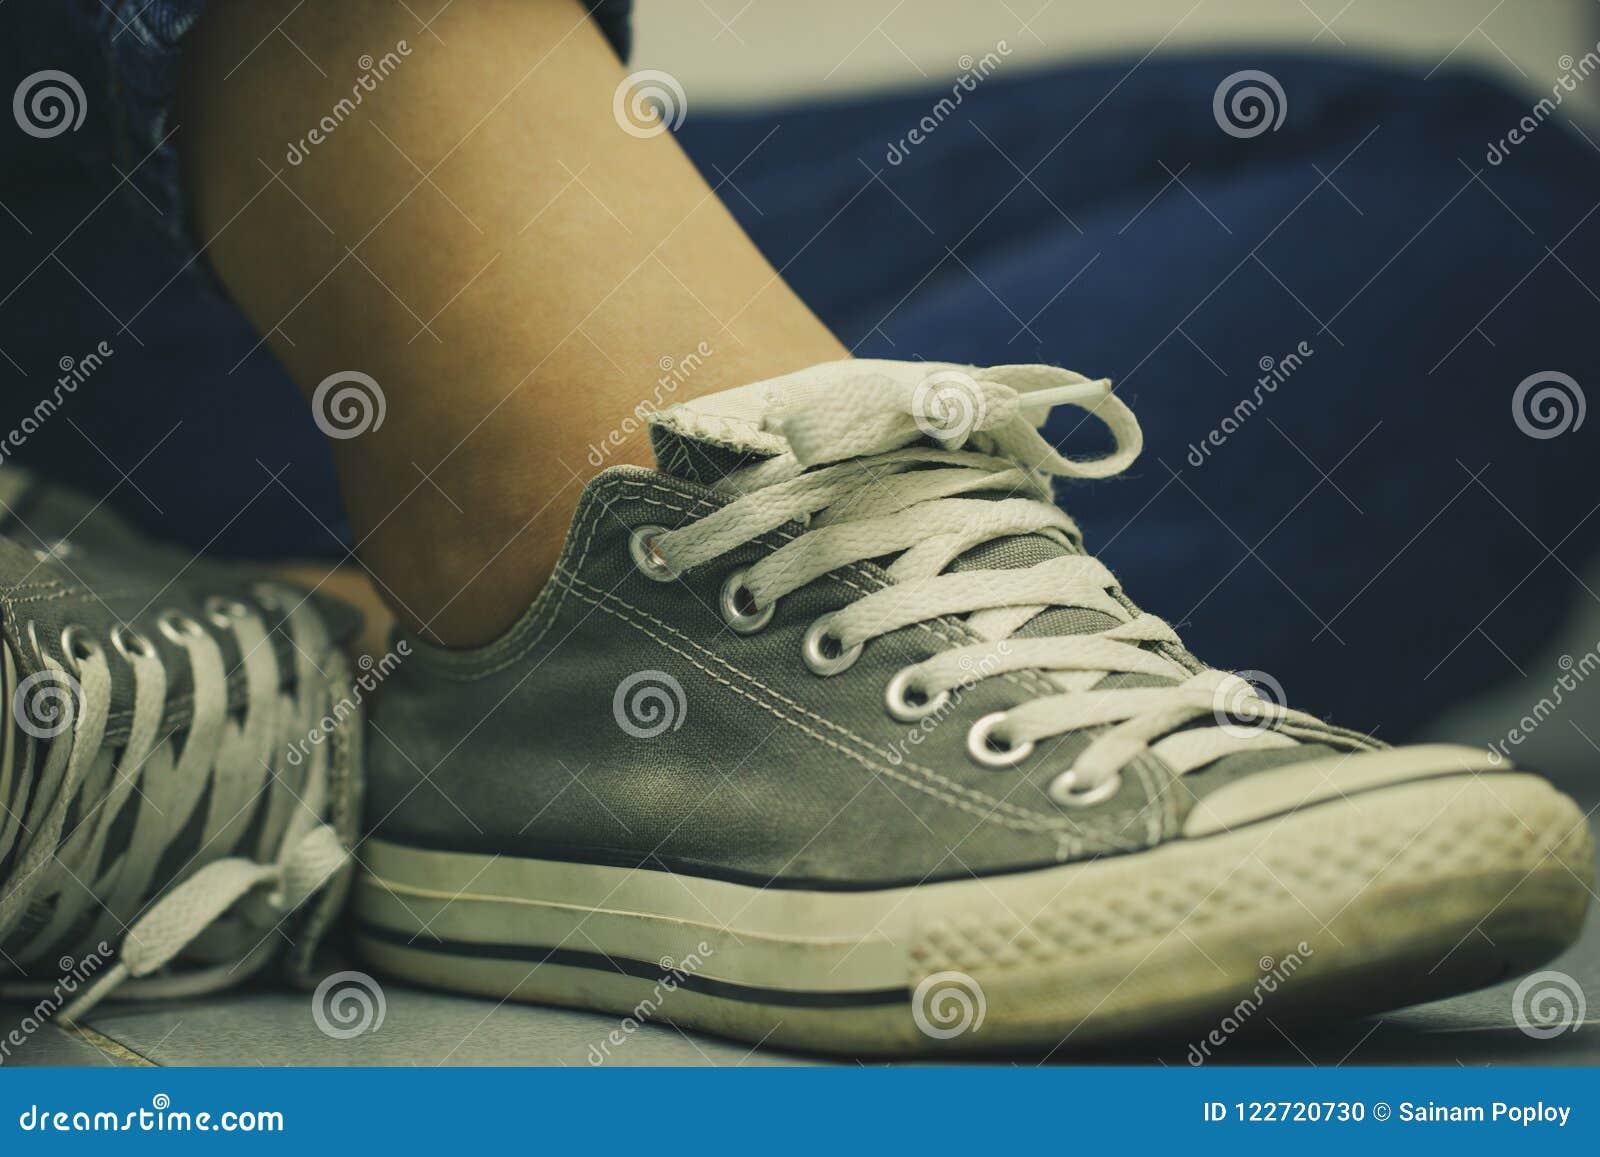 Si Pavimento Scarpe Allacciano Sul Da Le Siedono Donne Tennis E 0m8Nnw